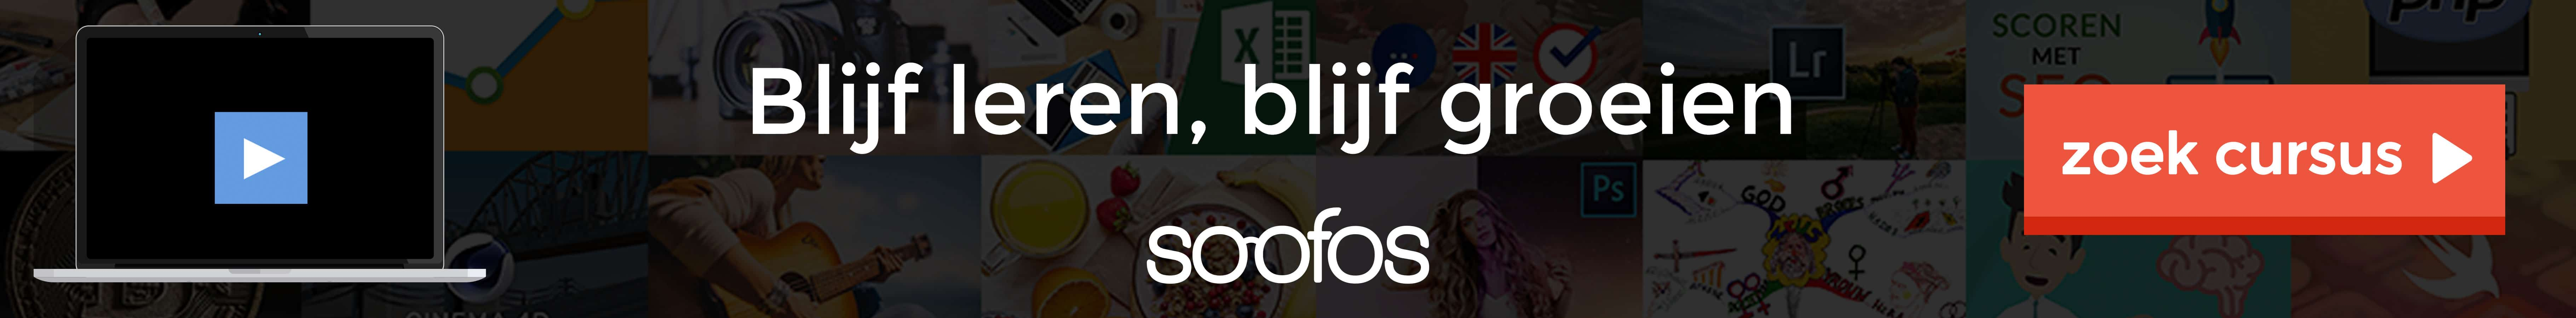 Soofos